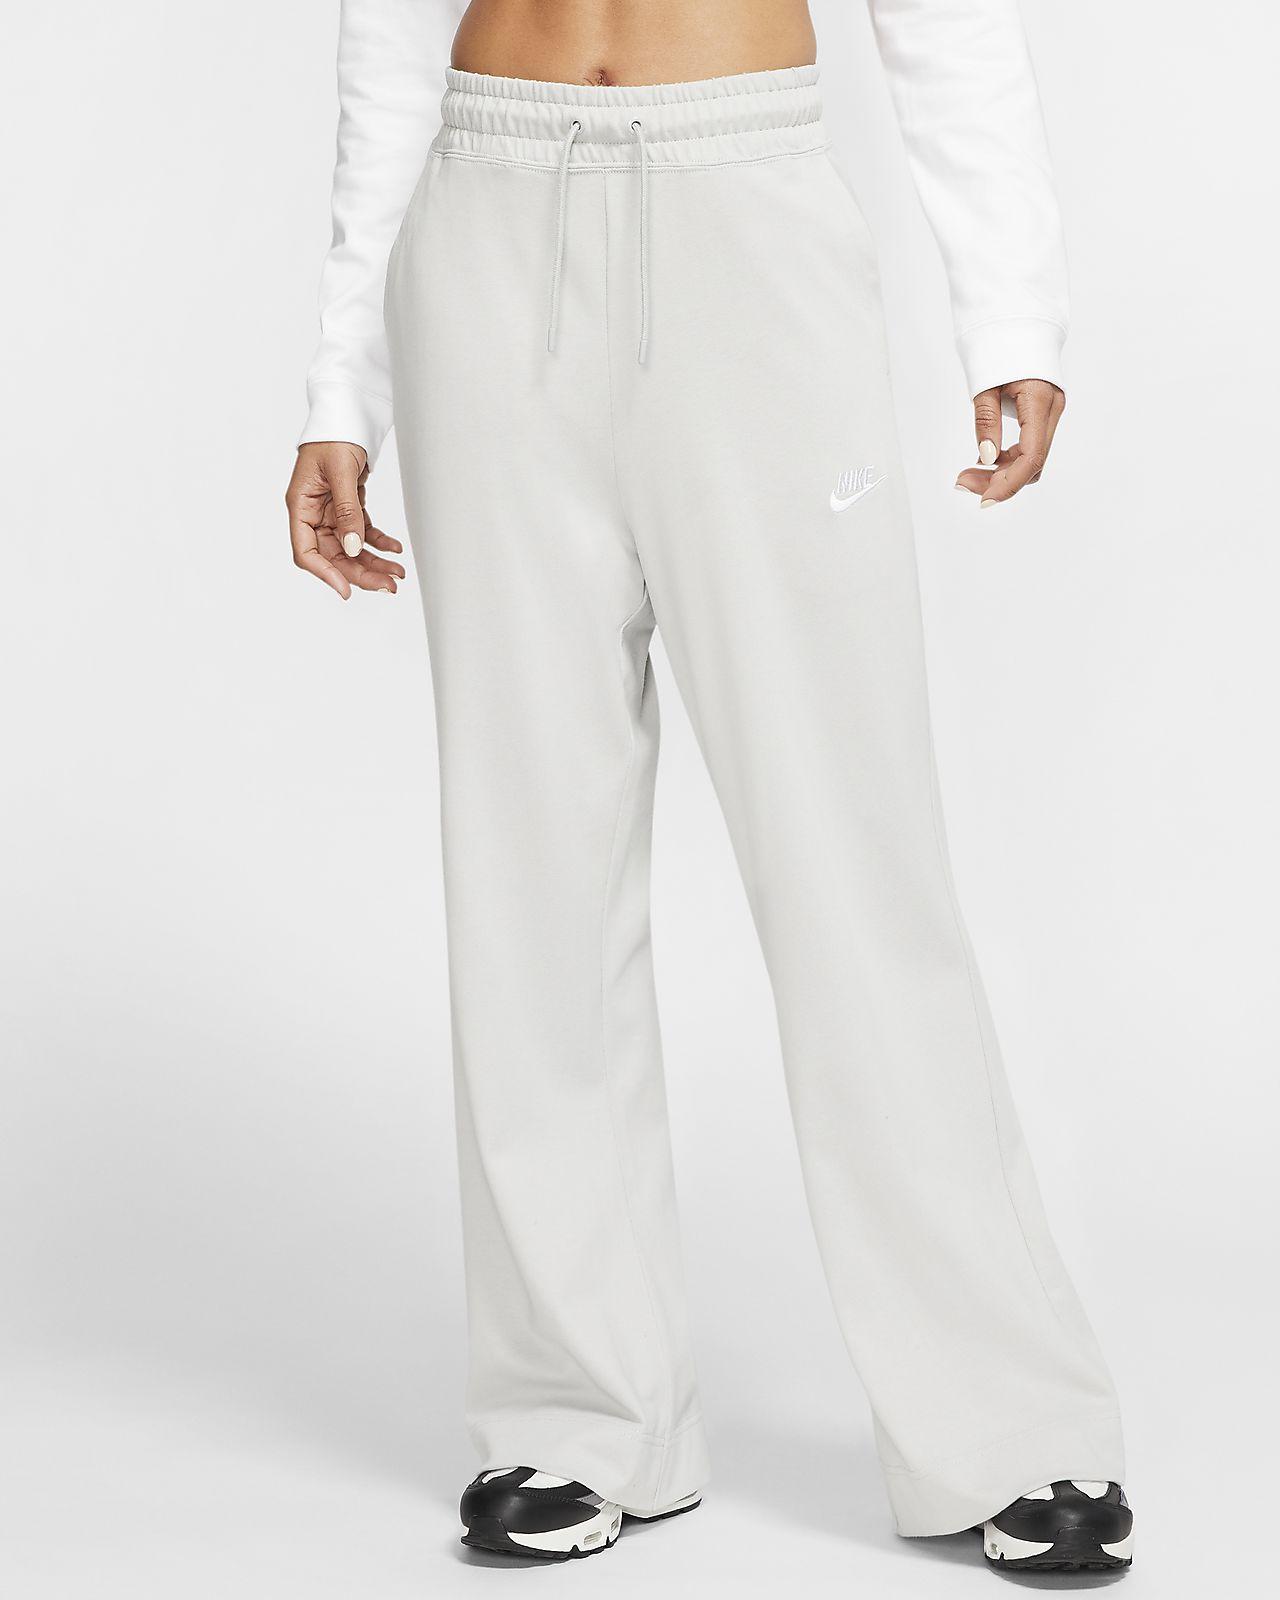 pantalon nike large femme